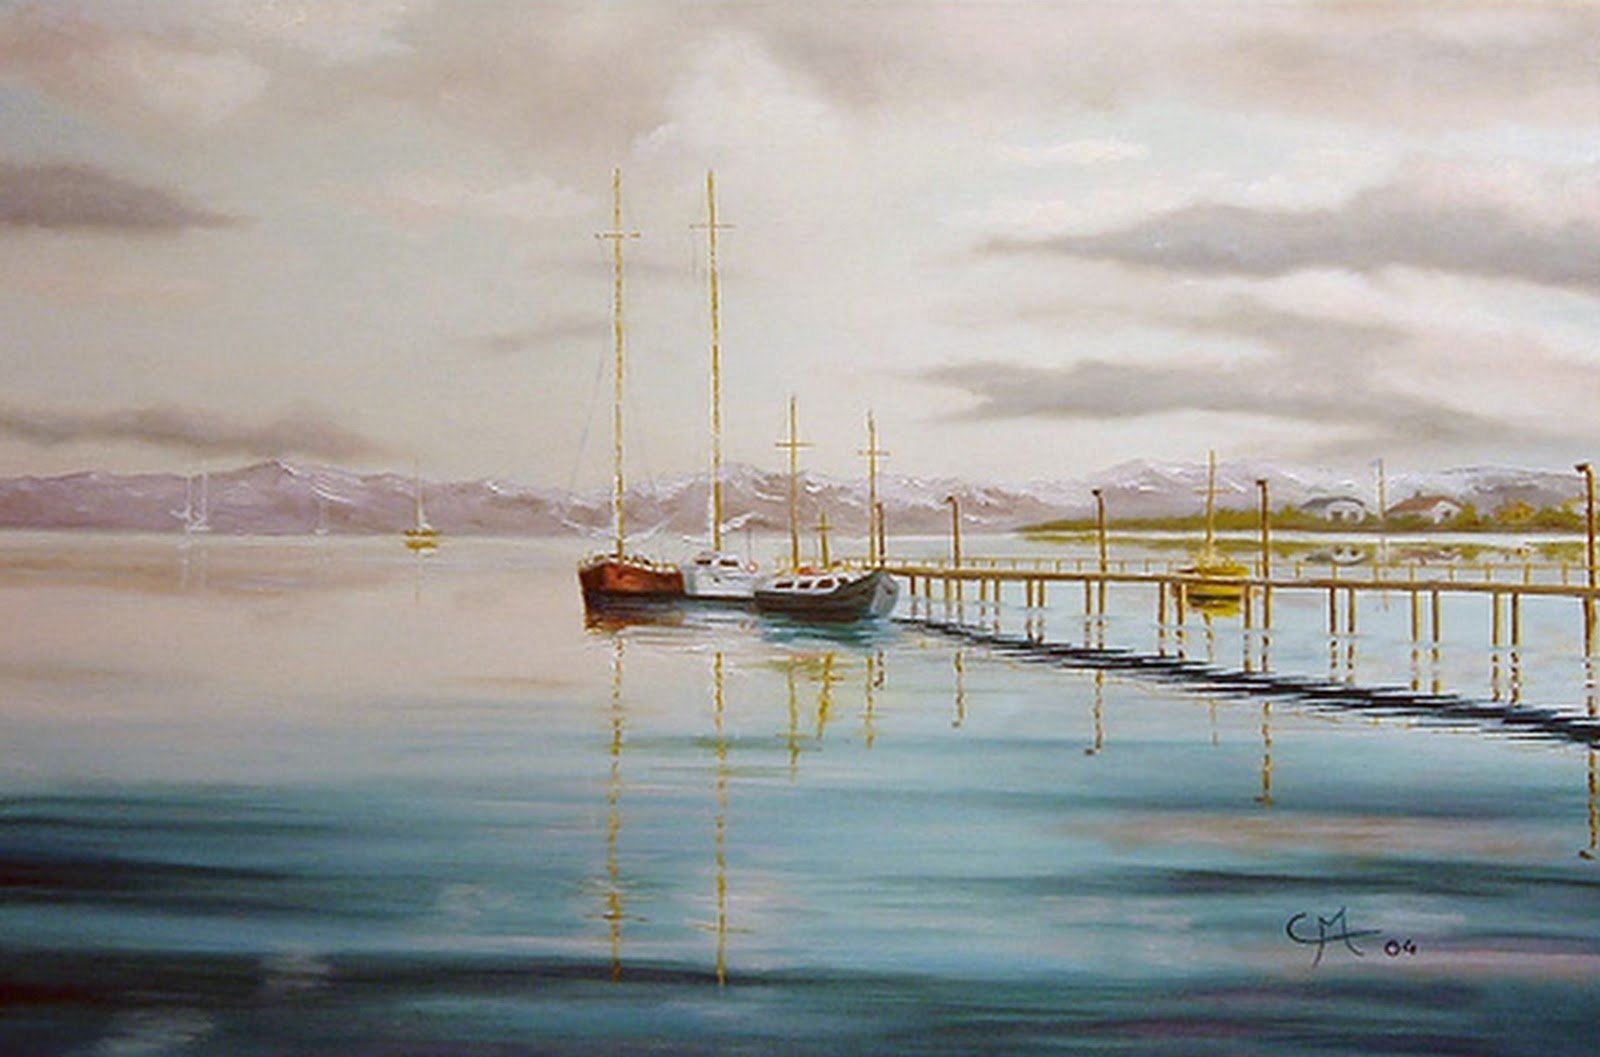 Pintura moderna y fotograf a art stica paisajes marinas for Cuadros de marinas